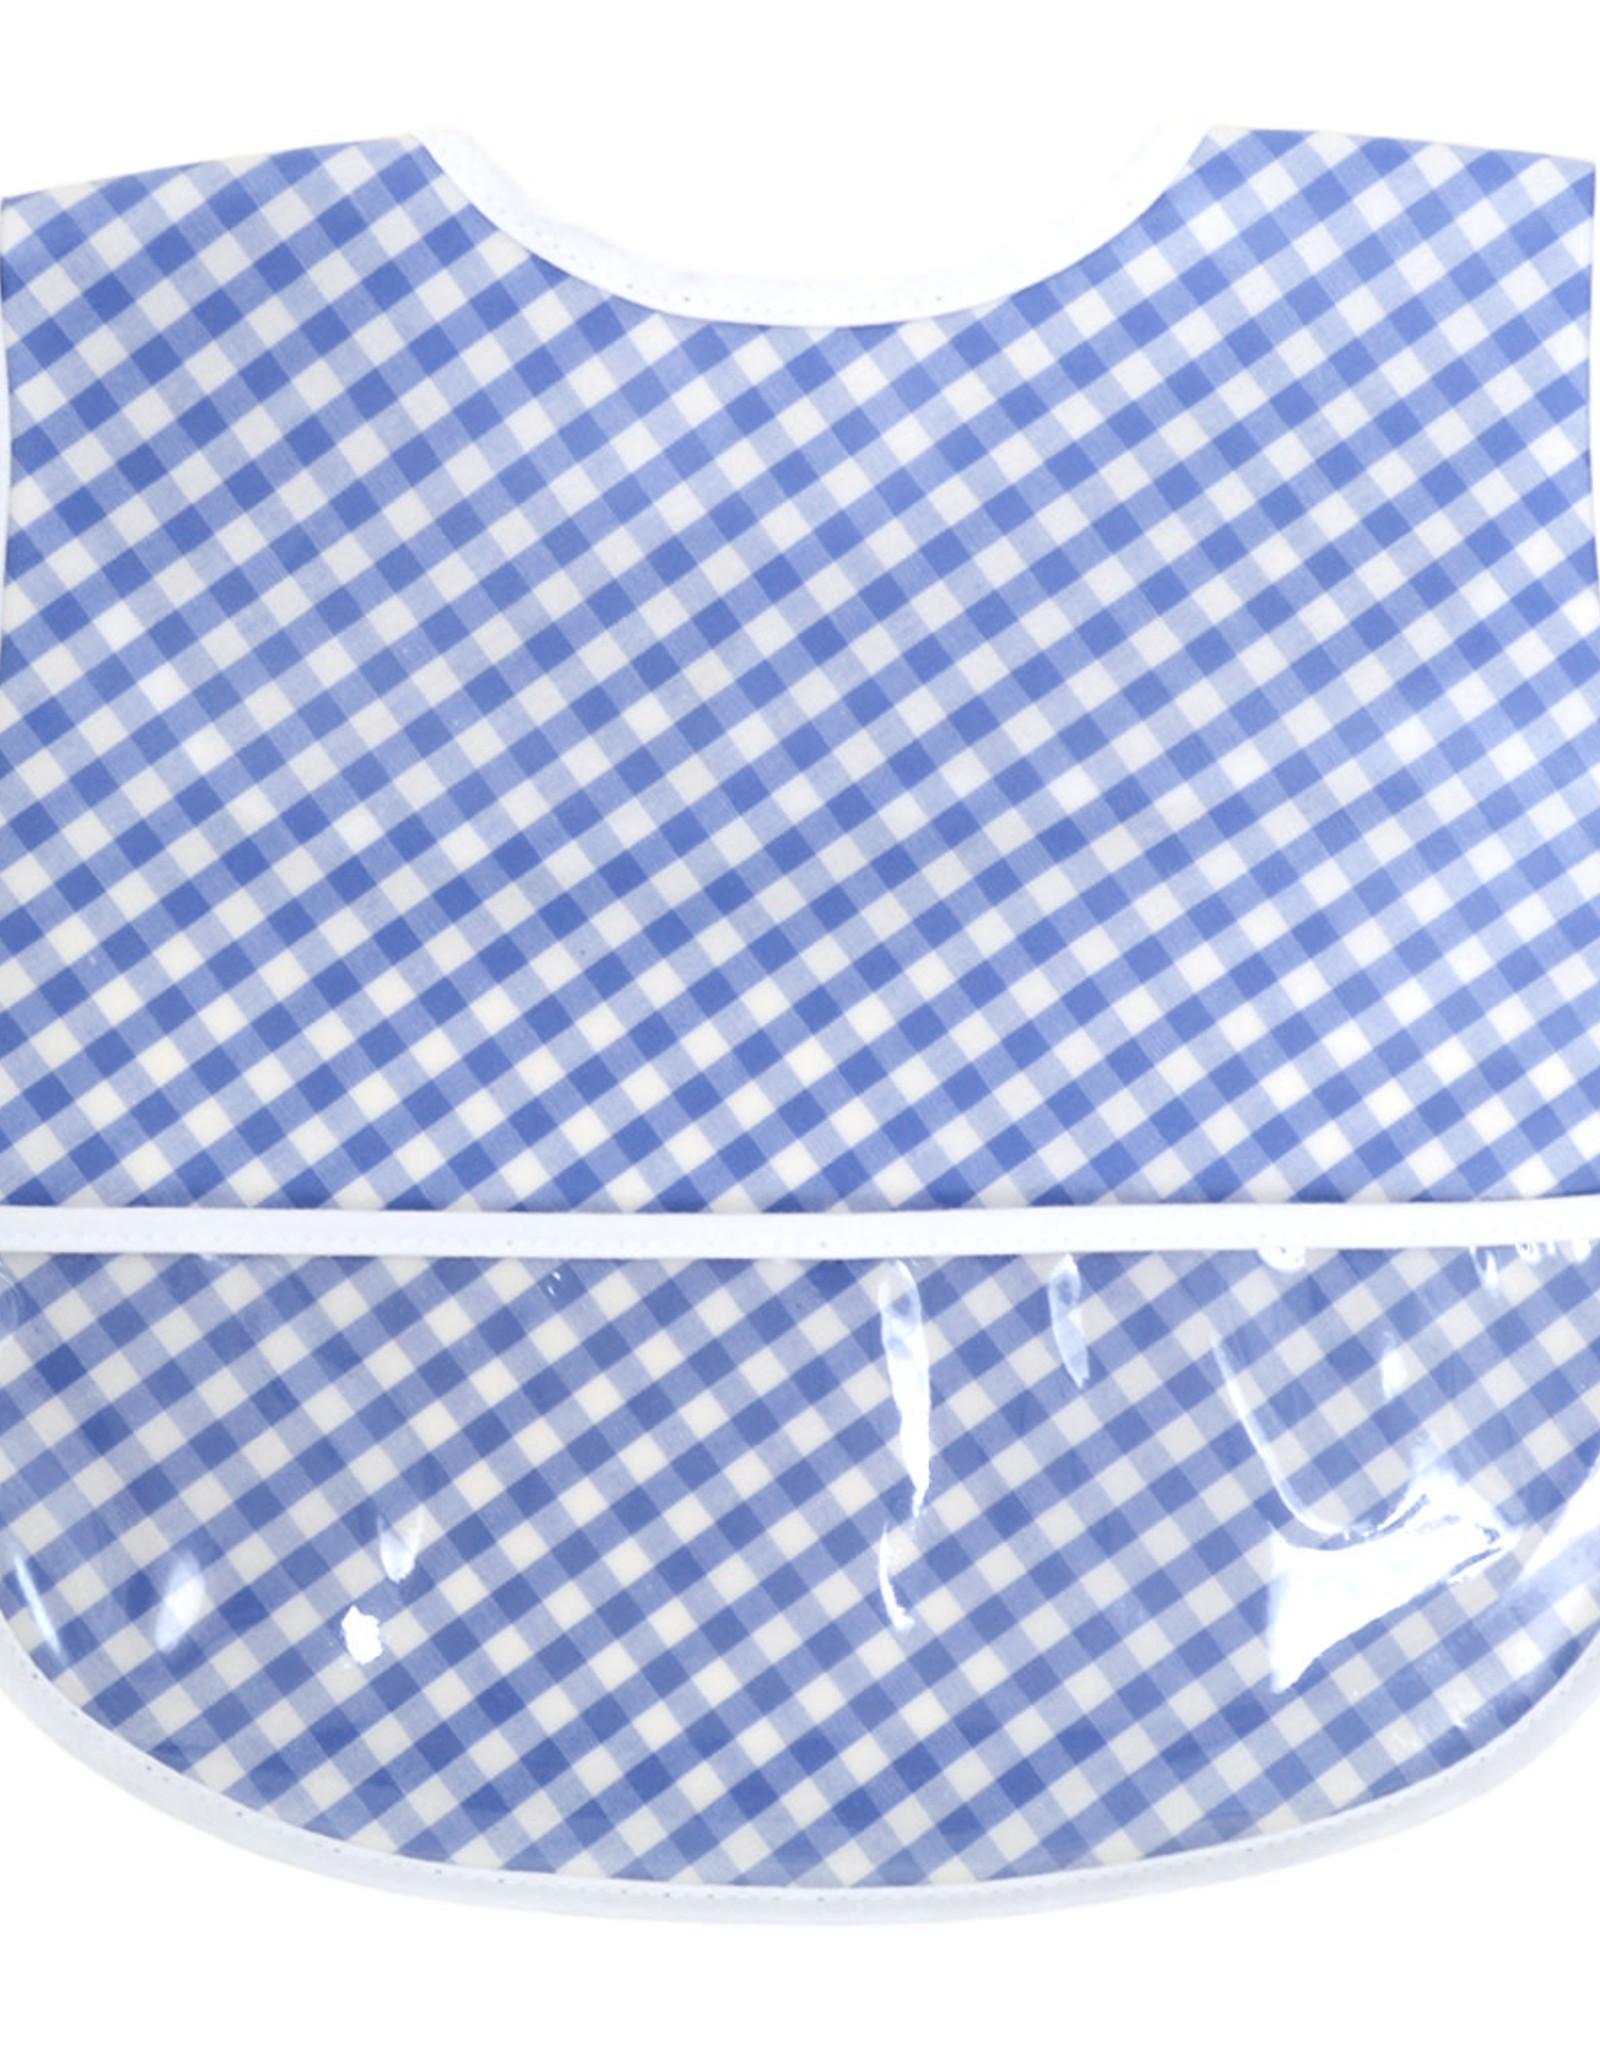 Three Marthas Bib Royal Blue Check Laminated